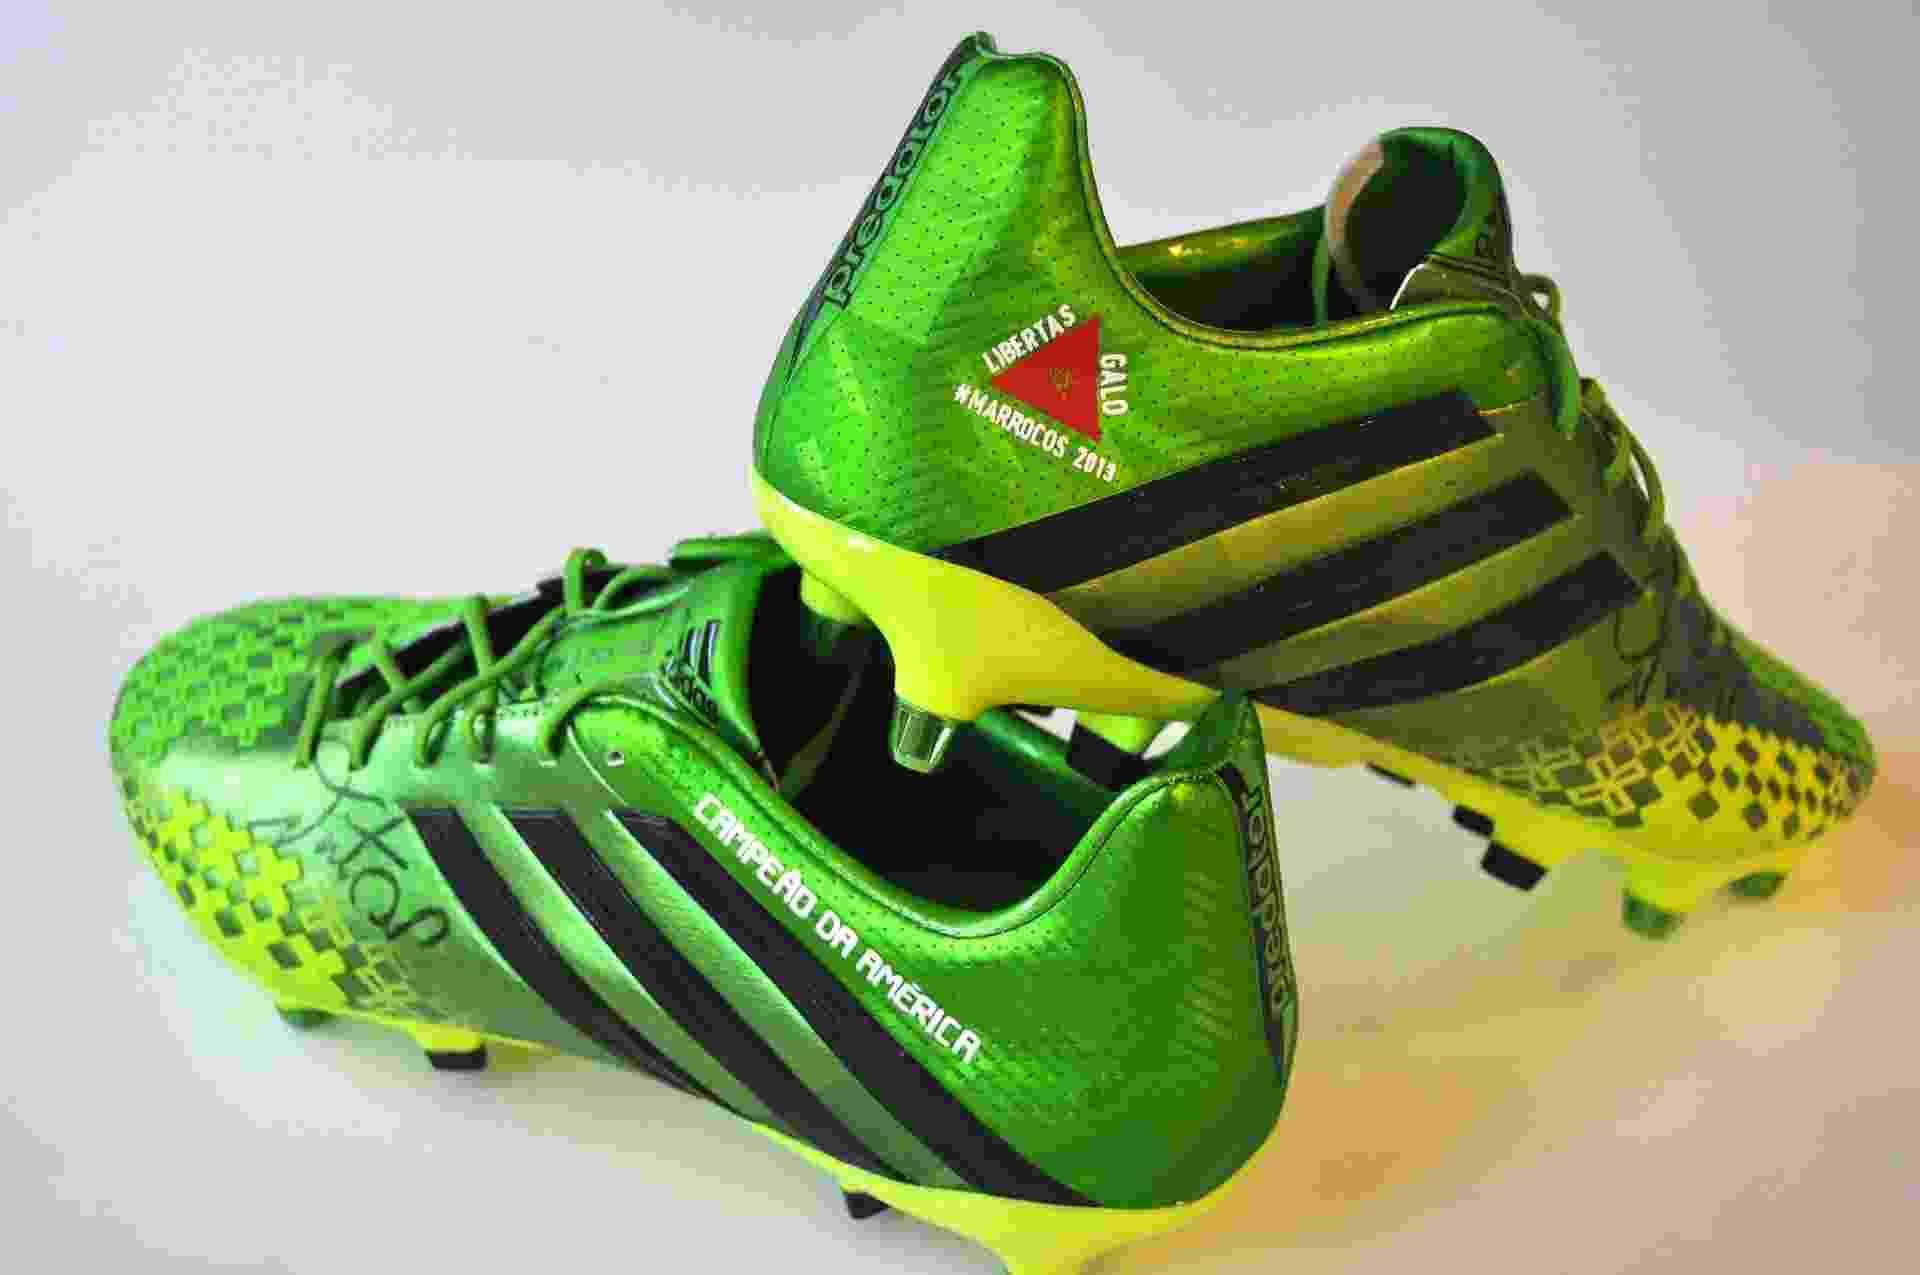 48377e494e Fotos  Jogadores do Atlético-MG exibem chuteiras personalizadas após ...